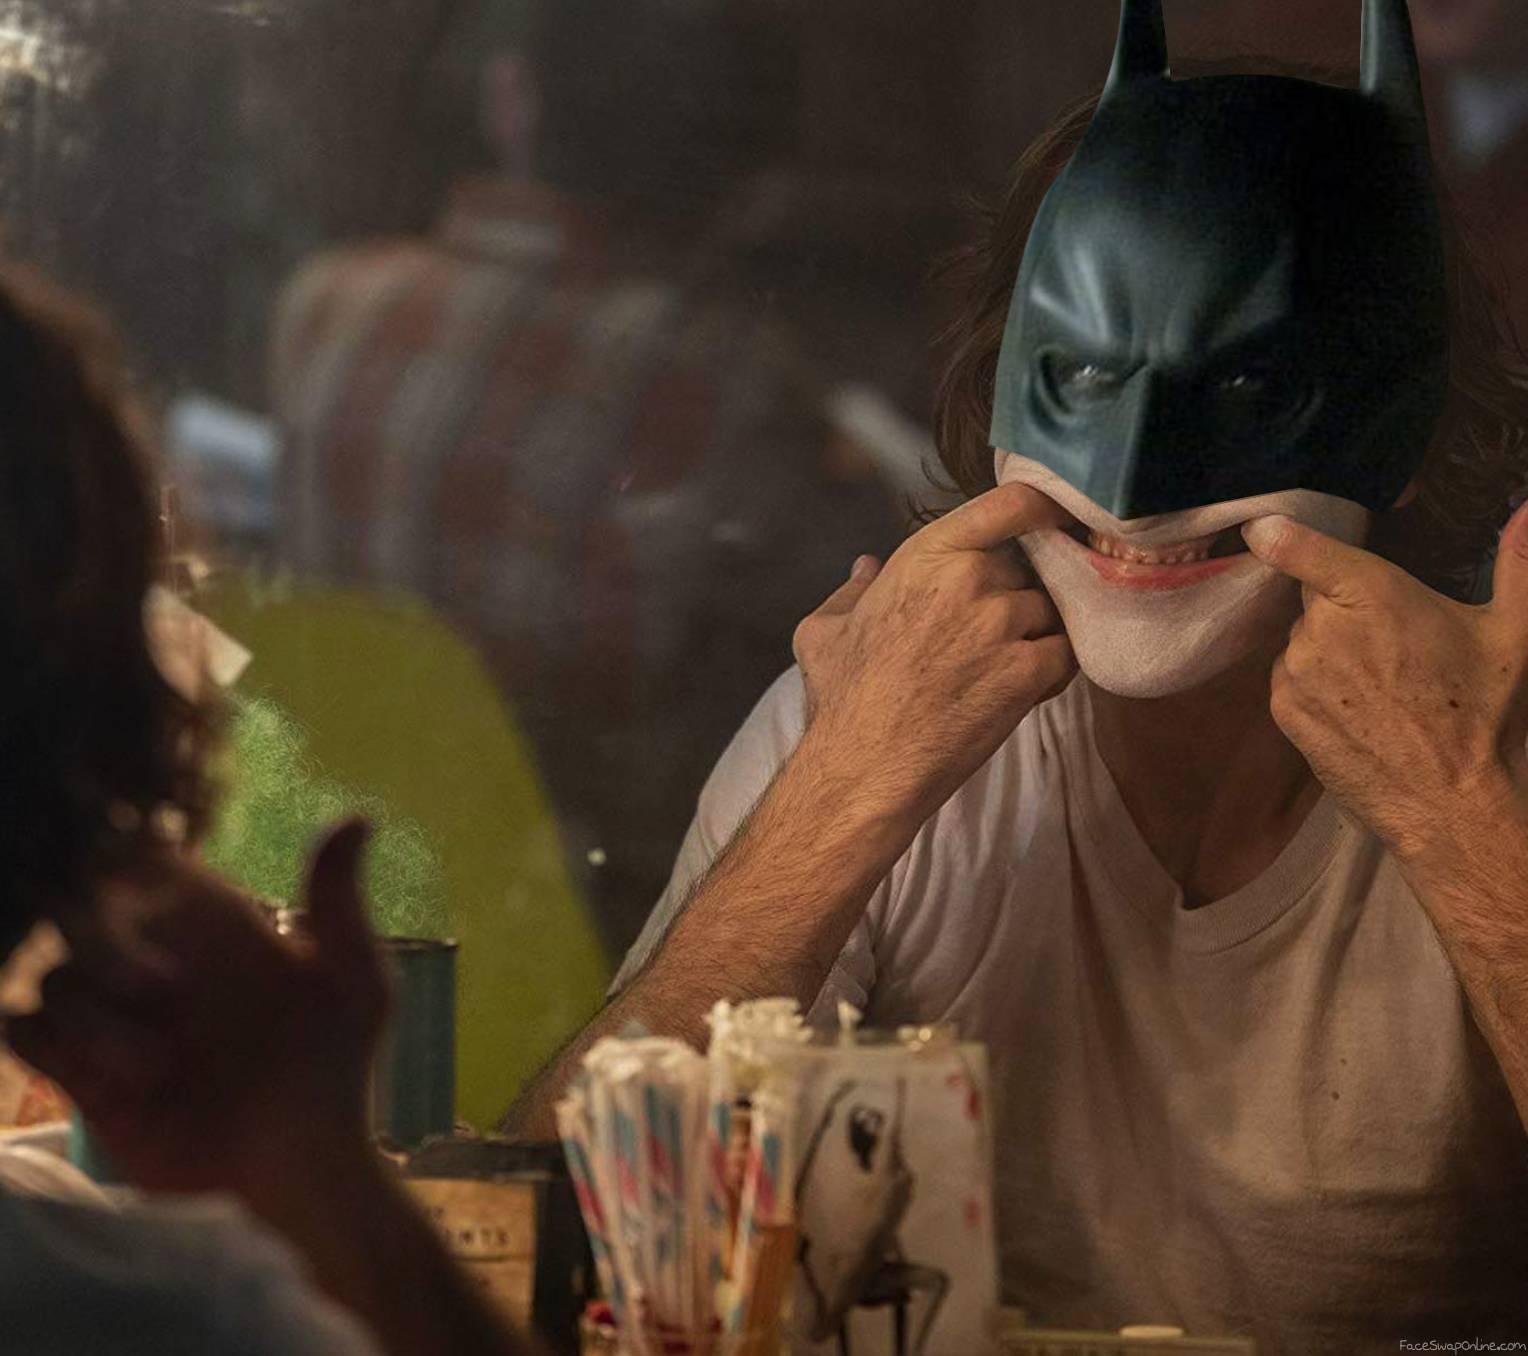 Is Joker Batman's brother?